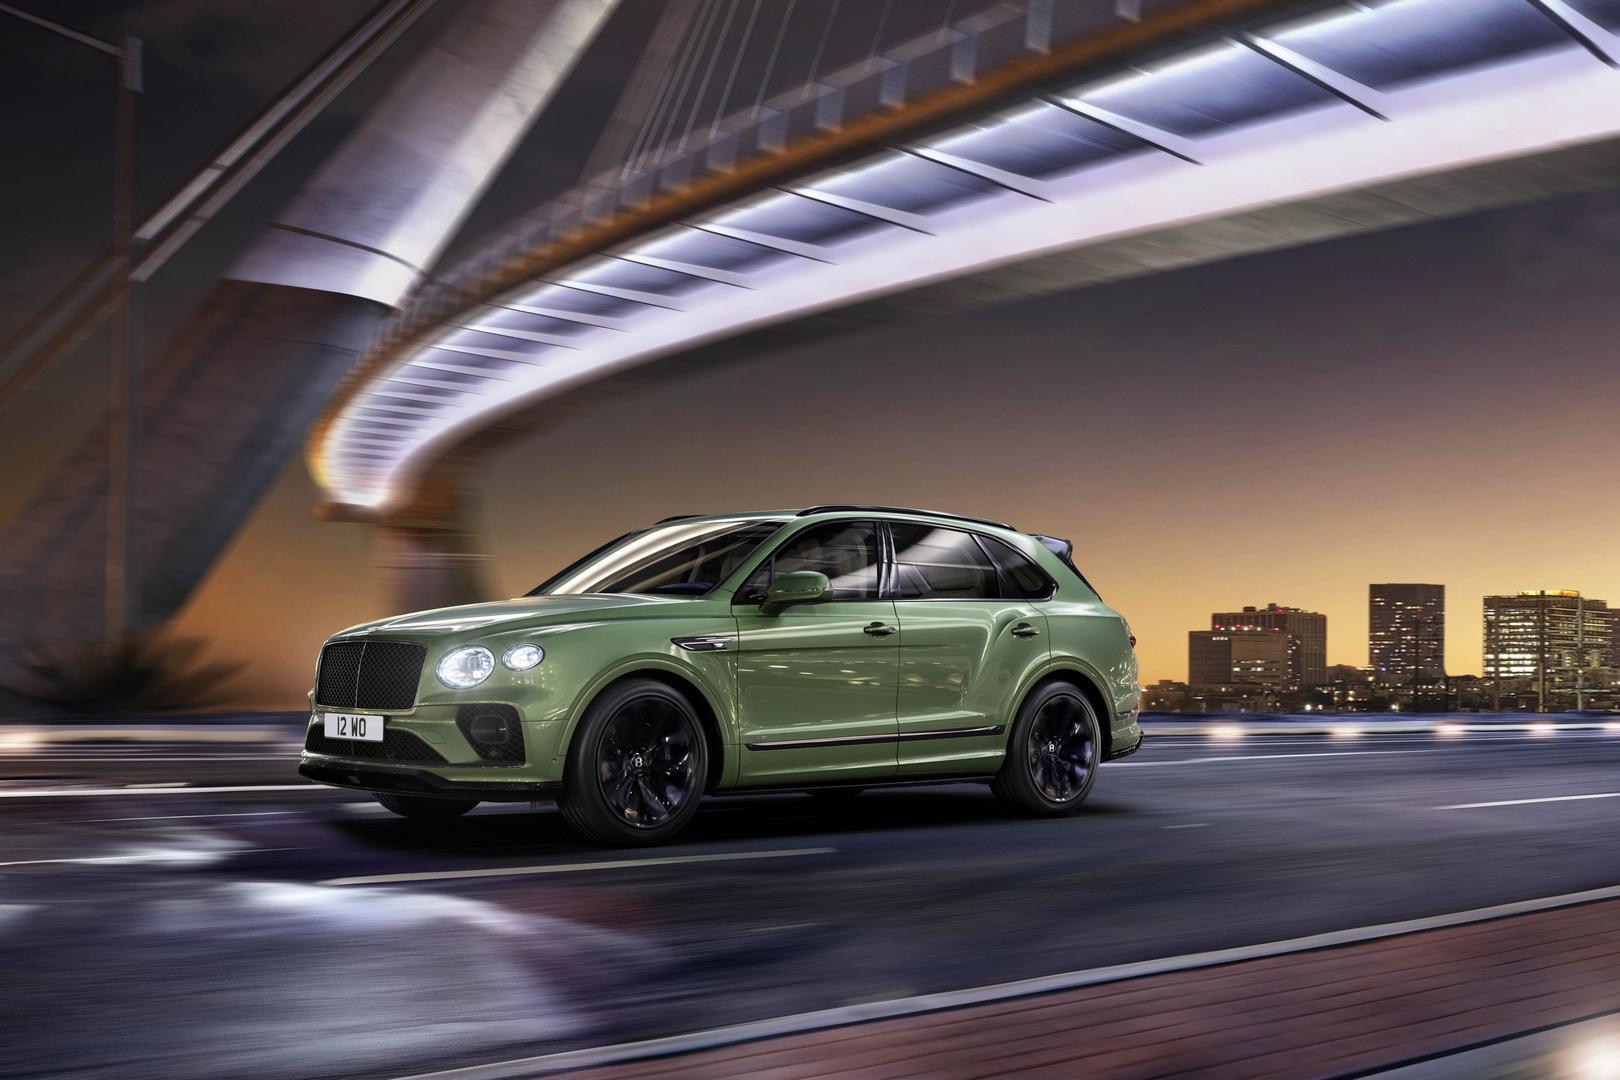 2021 Bentley Bentayga Side